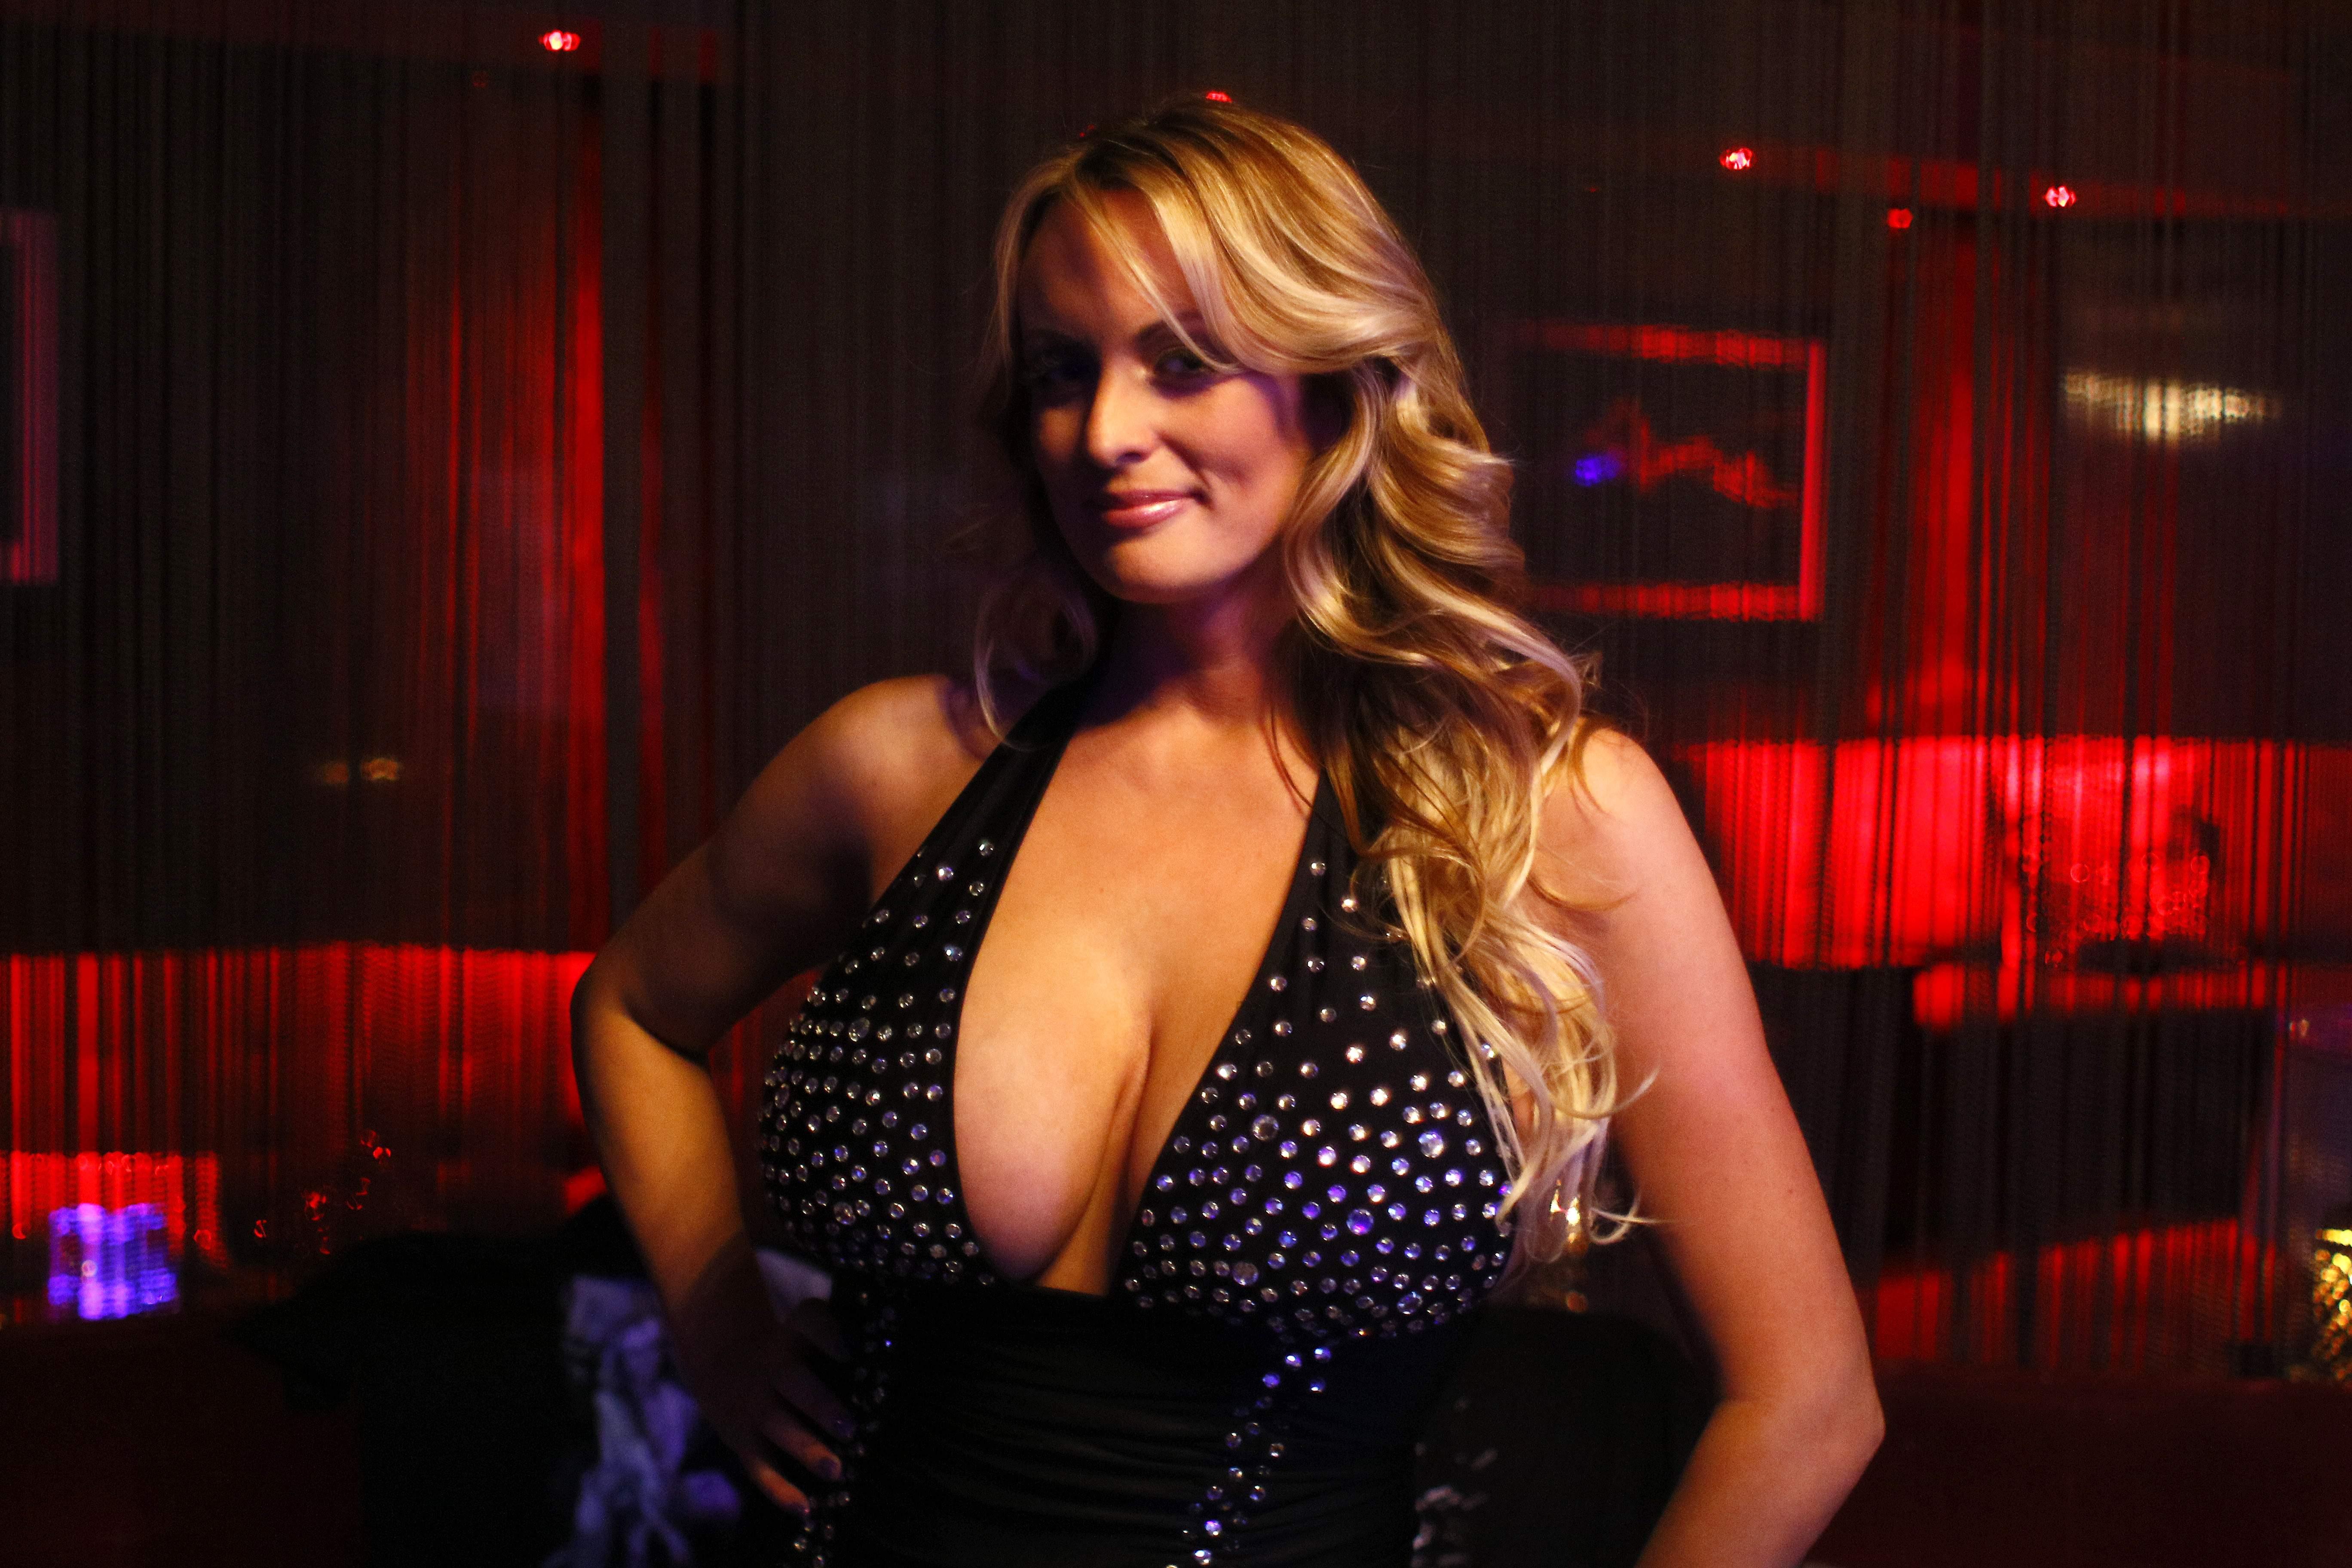 Strip club porn